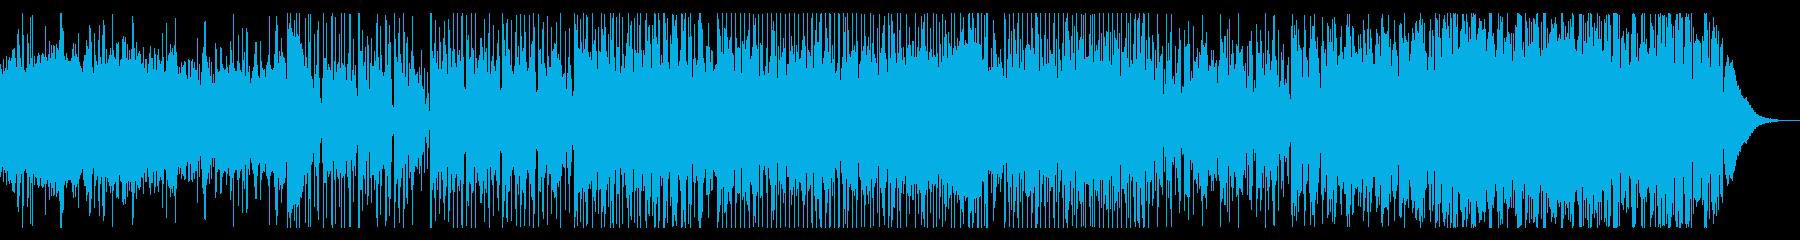 ギターとドローンのシネマティックBGMの再生済みの波形